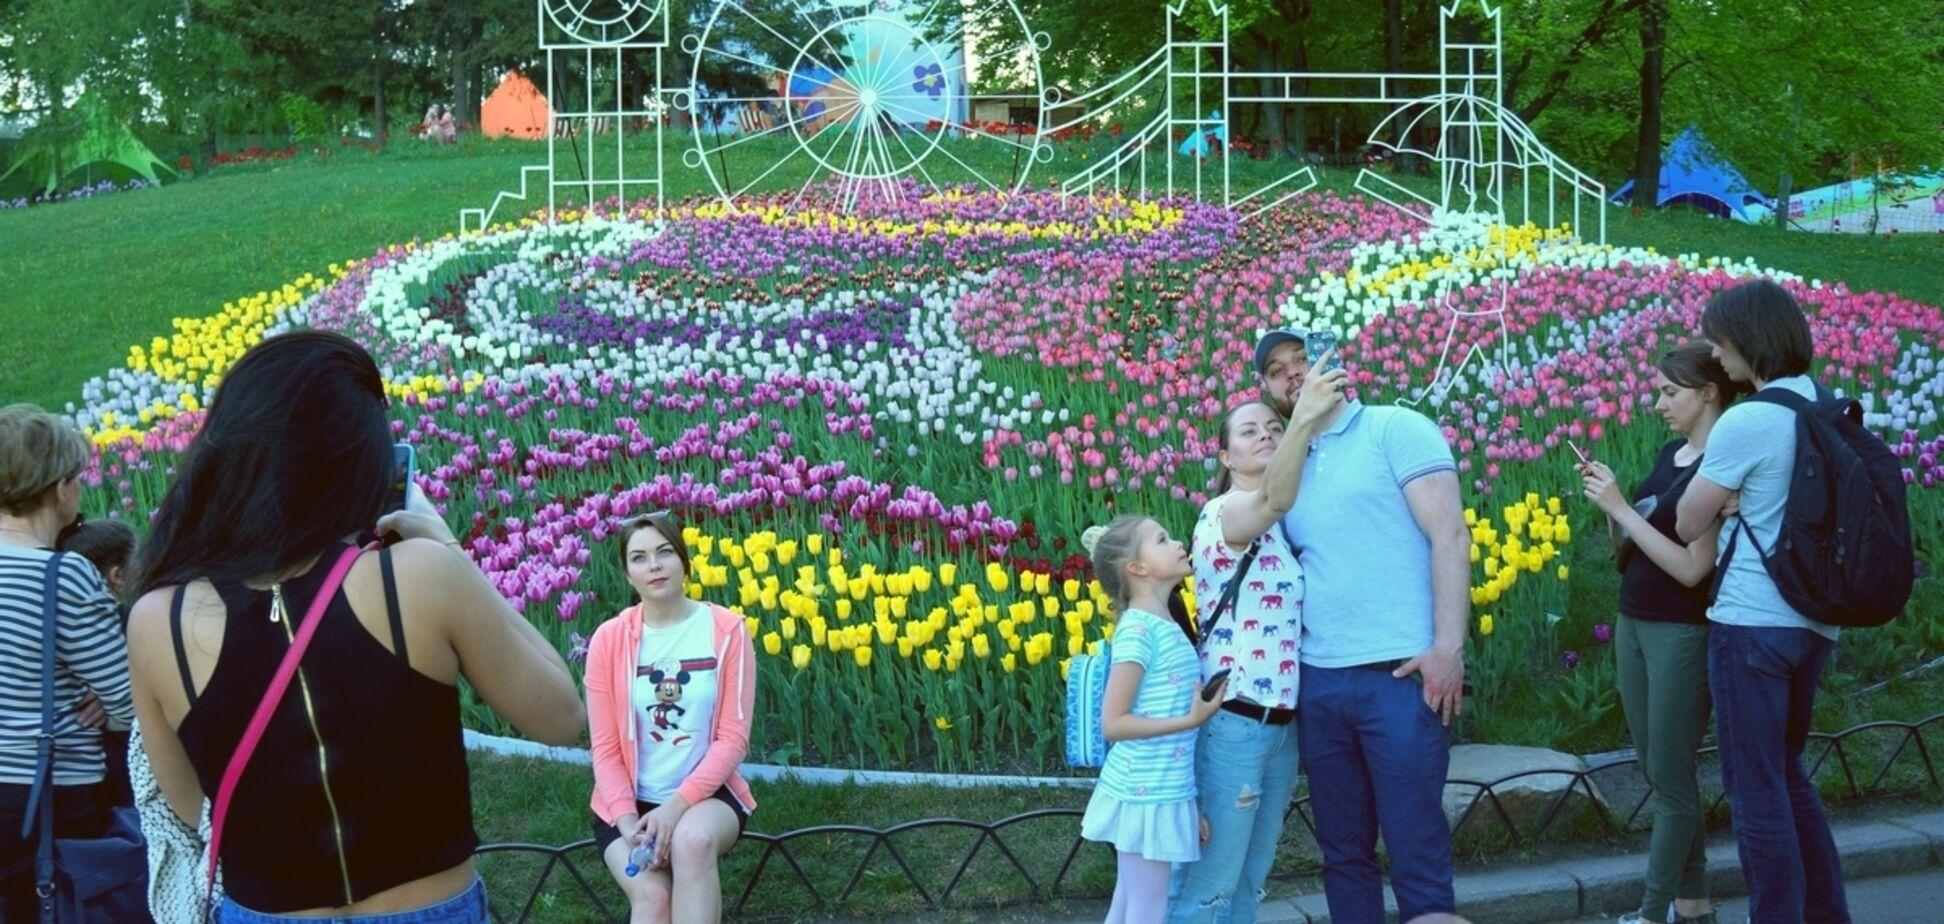 Вход на выставку тюльпанов в Киеве сделали бесплатным